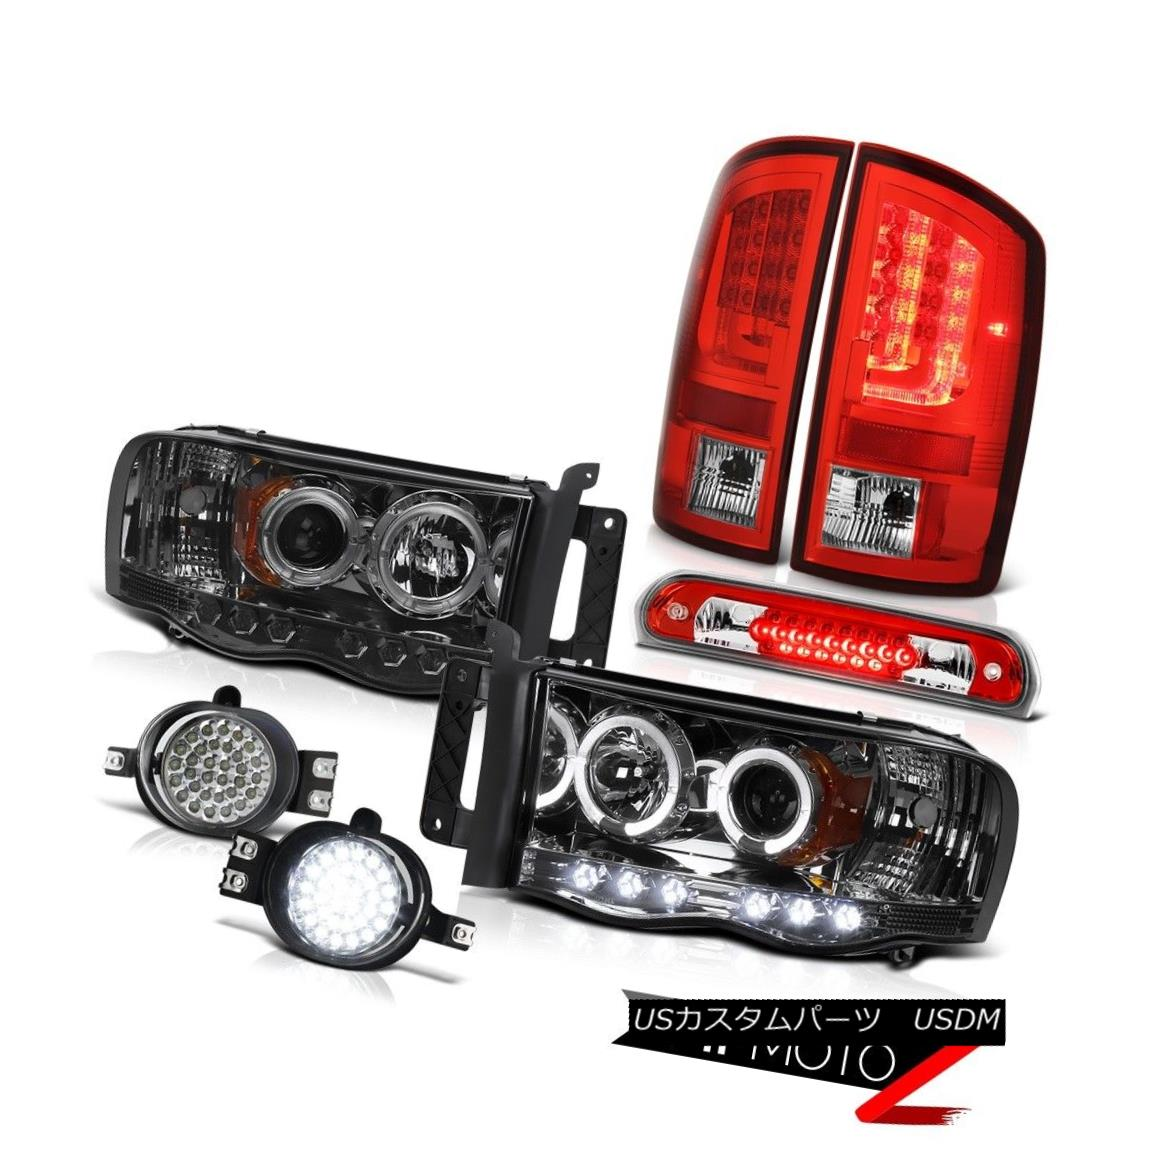 テールライト 02-05 Dodge Ram 1500 2500 WS Red Roof Cargo Lamp Fog Lamps Tail Headlights SMD 02-05ダッジラム1500 2500 WSレッドルーフ貨物ランプフォグランプテールヘッドライトSMD